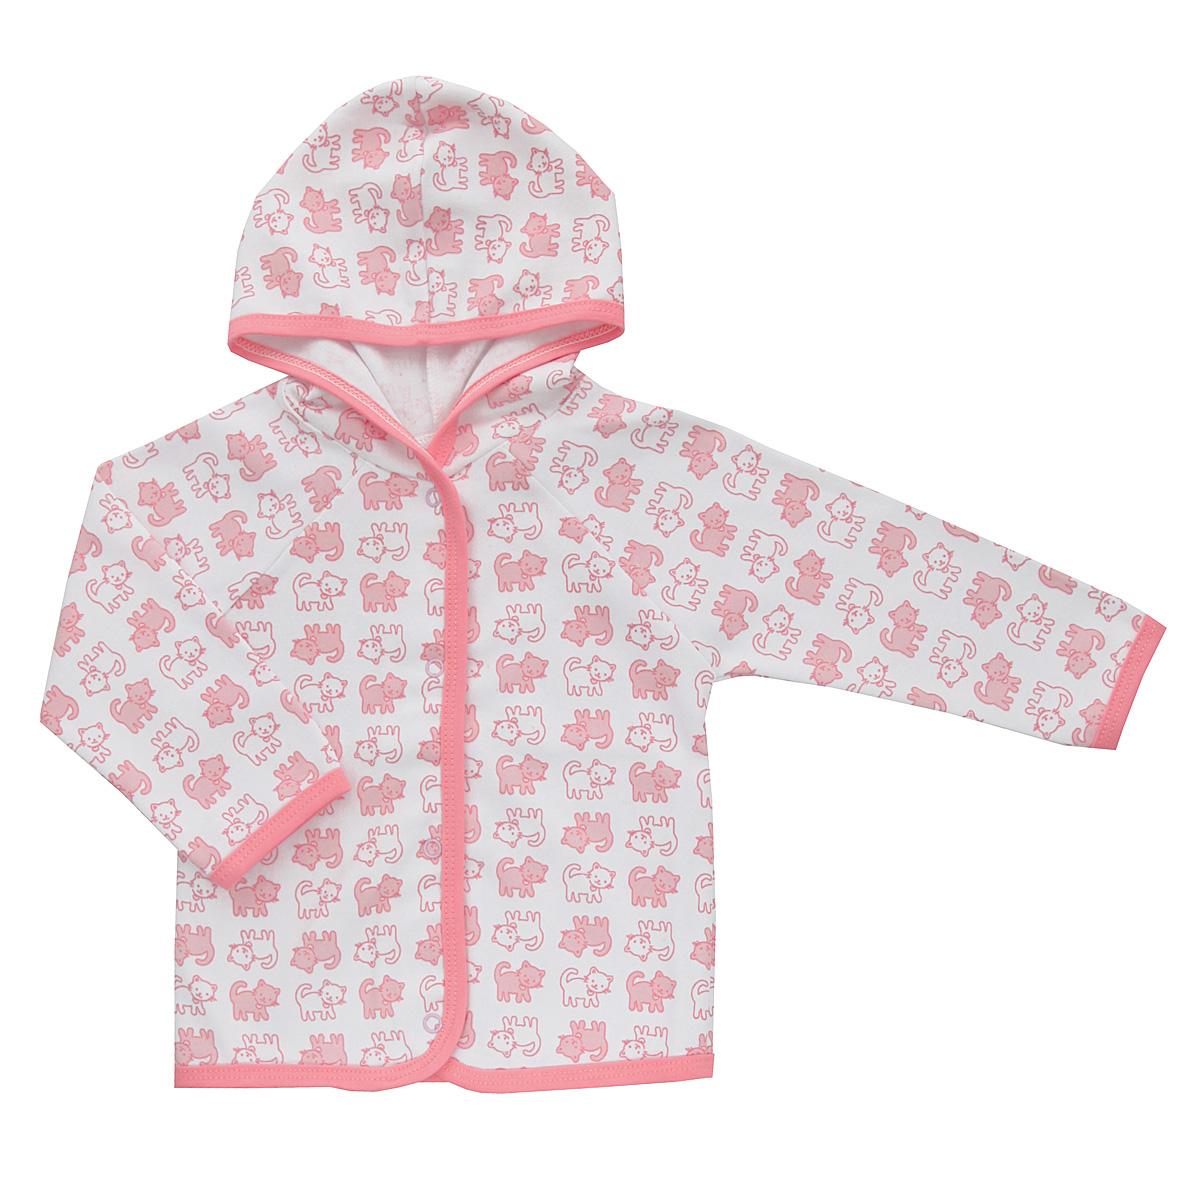 Кофточка Трон-плюс, цвет: белый, розовый. 5162_котенок. Размер 74, 9 месяцев5162_котенокУдобная детская кофточка Трон-плюс послужит идеальным дополнением к гардеробу вашего ребенка, обеспечивая ему наибольший комфорт. Изготовленная из интерлока - натурального хлопка, она необычайно мягкая и легкая, не раздражает нежную кожу ребенка и хорошо вентилируется, а эластичные швы приятны телу ребенка и не препятствуют его движениям. Кофточка с капюшоном и длинными рукавами-реглан застегивается спереди на удобные застежки-кнопки, что помогает с легкостью переодеть ребенка. Окантовка капюшона, низ рукавов, планка и низ модели дополнены контрастной трикотажной бейкой. Оформлено изделие ненавязчивым принтом с изображениями котенка. Кофточка полностью соответствует особенностям жизни ребенка в ранний период, не стесняя и не ограничивая его в движениях.